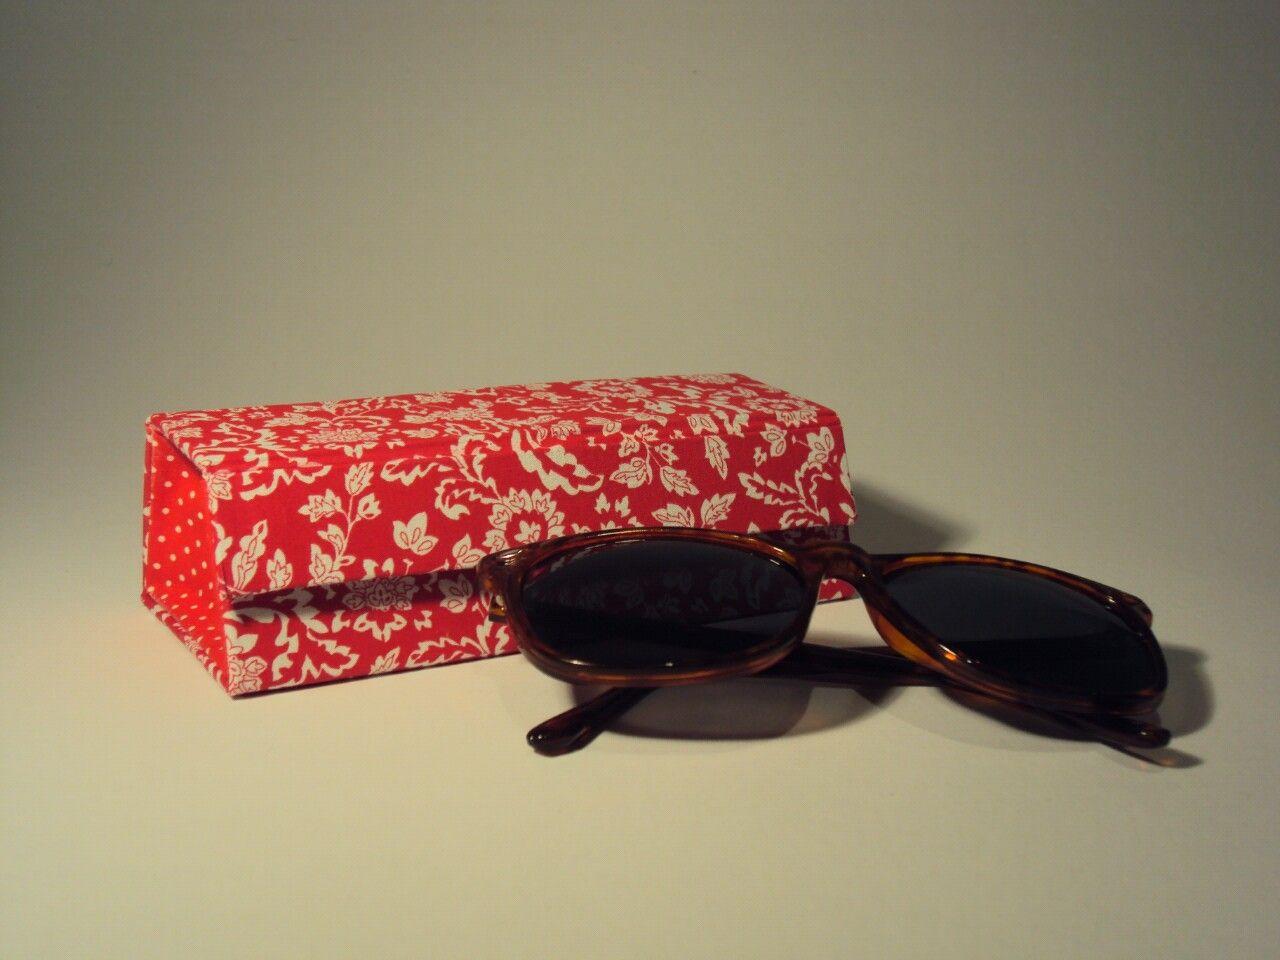 1f2f0a64cdb1f IGA artesanato  Passo a passo caixa de óculos em cartonagem   diy ...